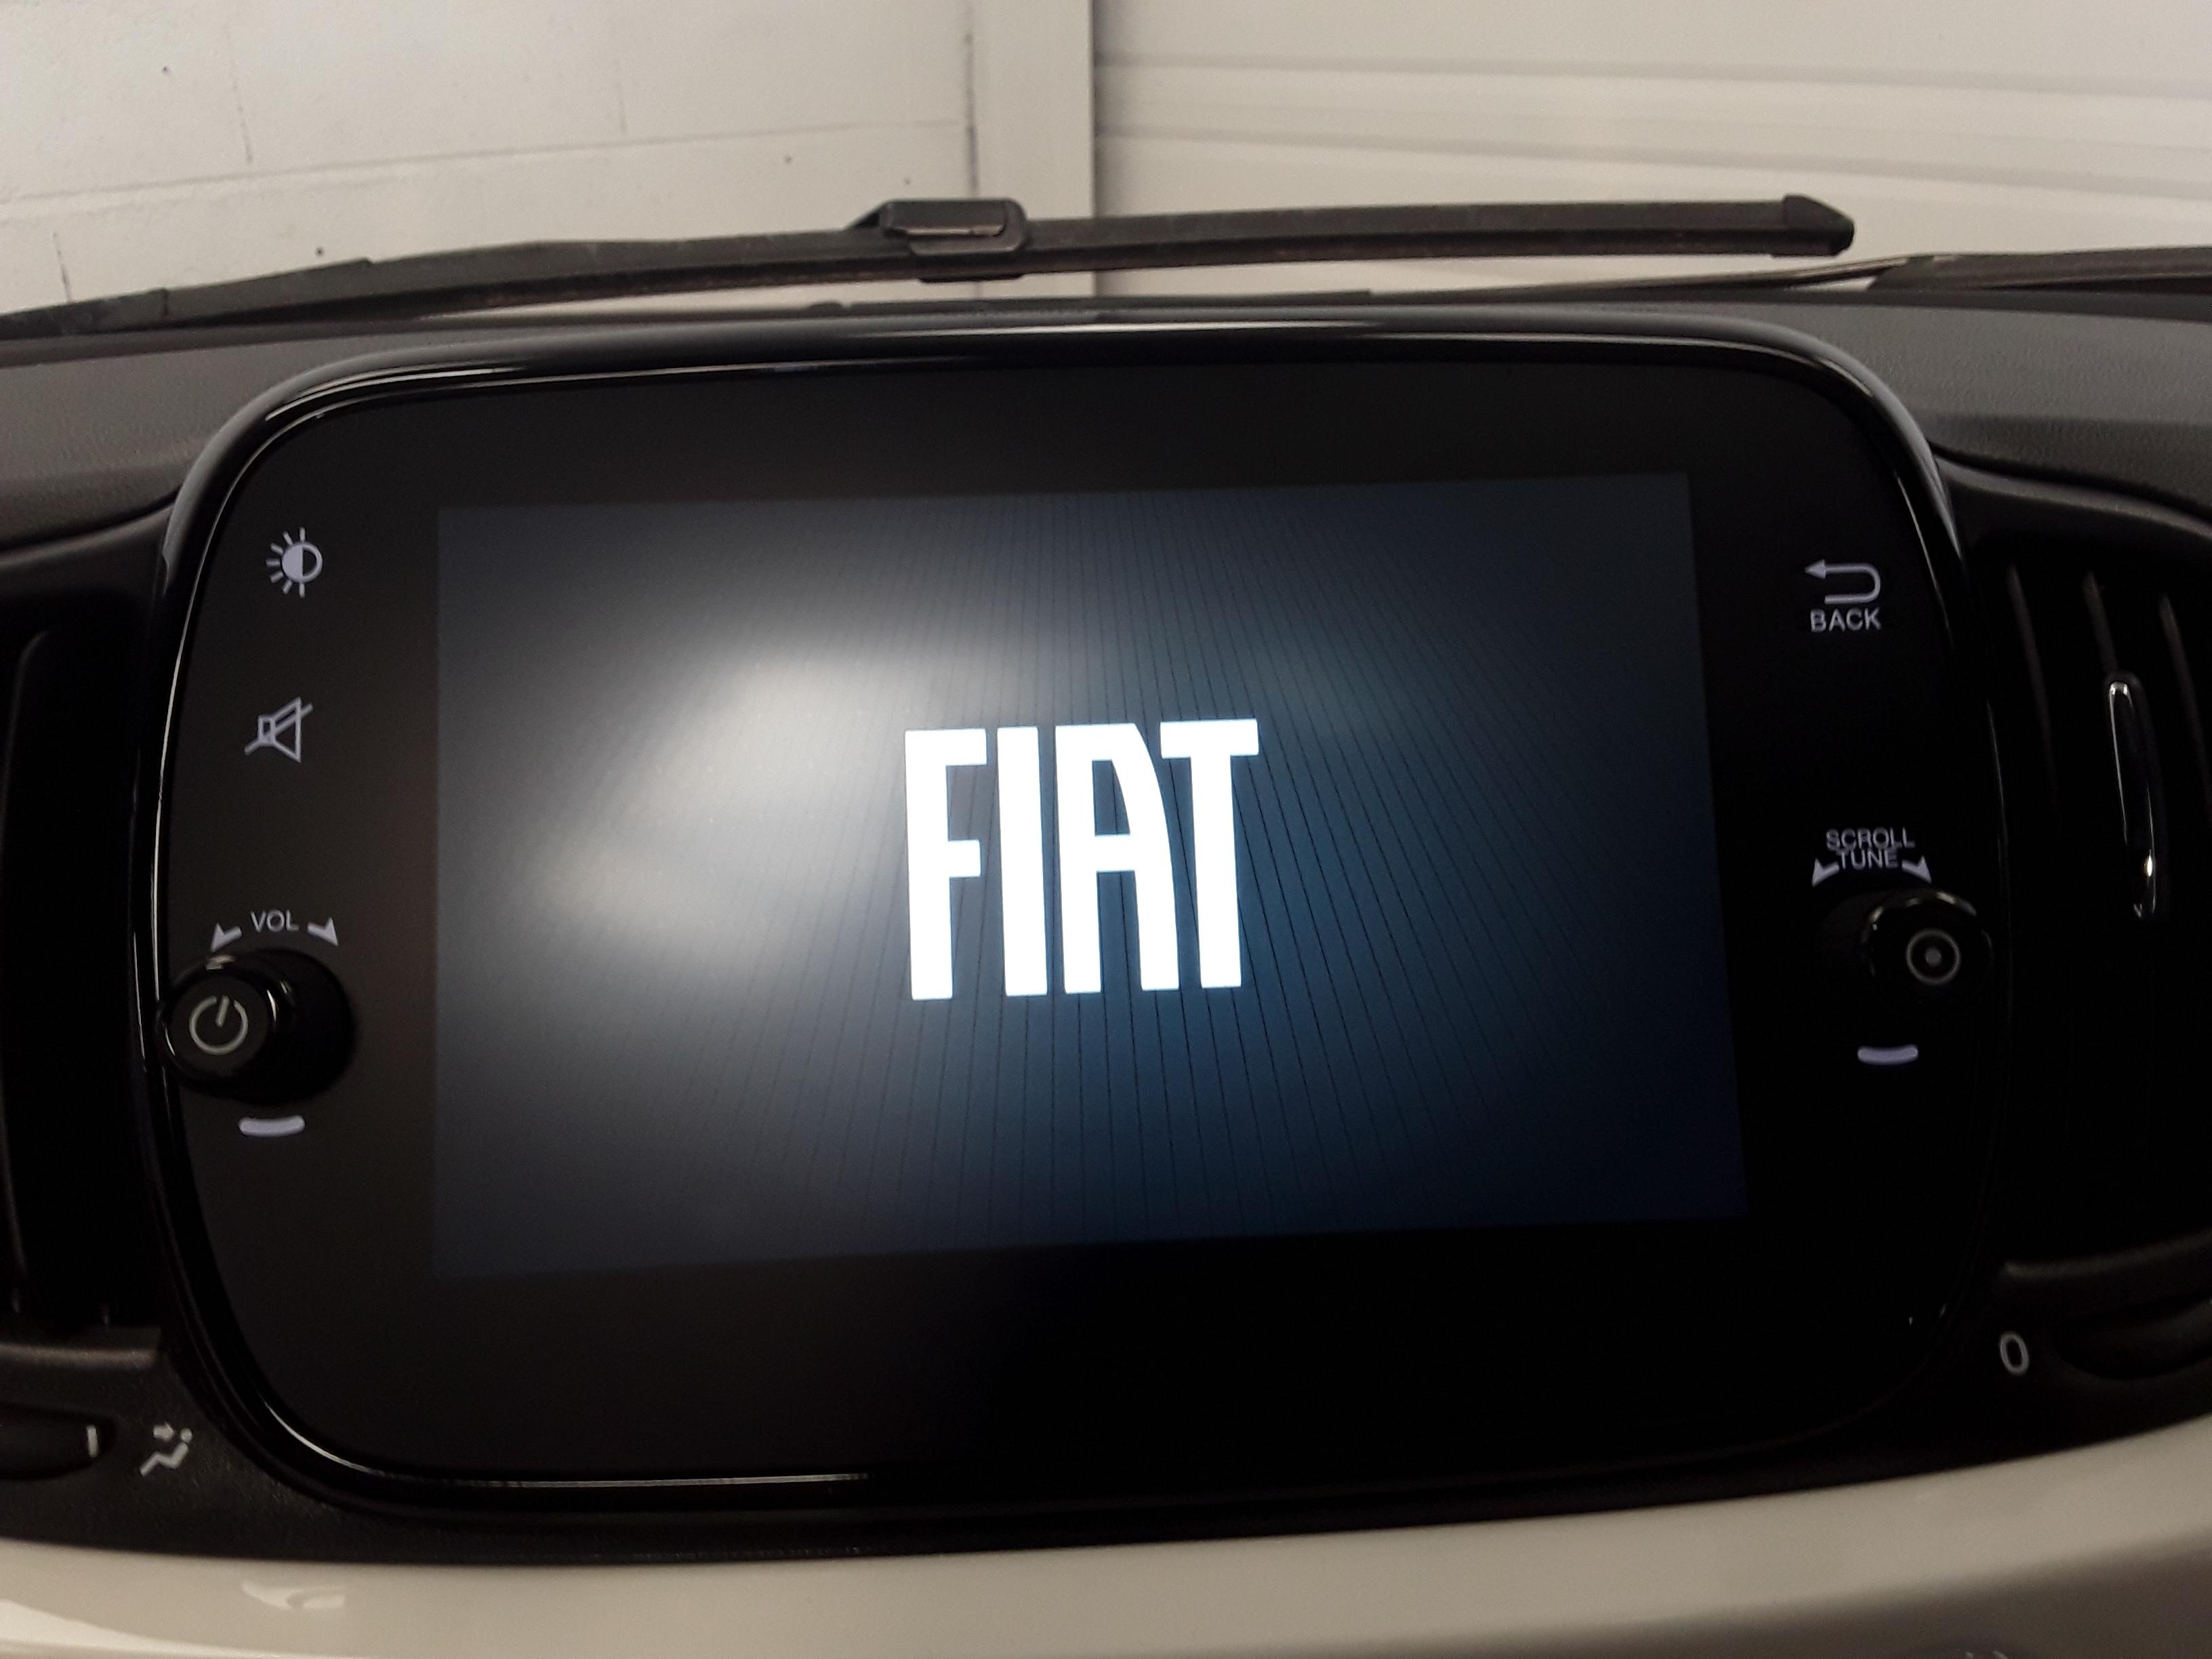 FIAT 500 SERIE 9 EURO 6D FULL 2021 - Photo n°21